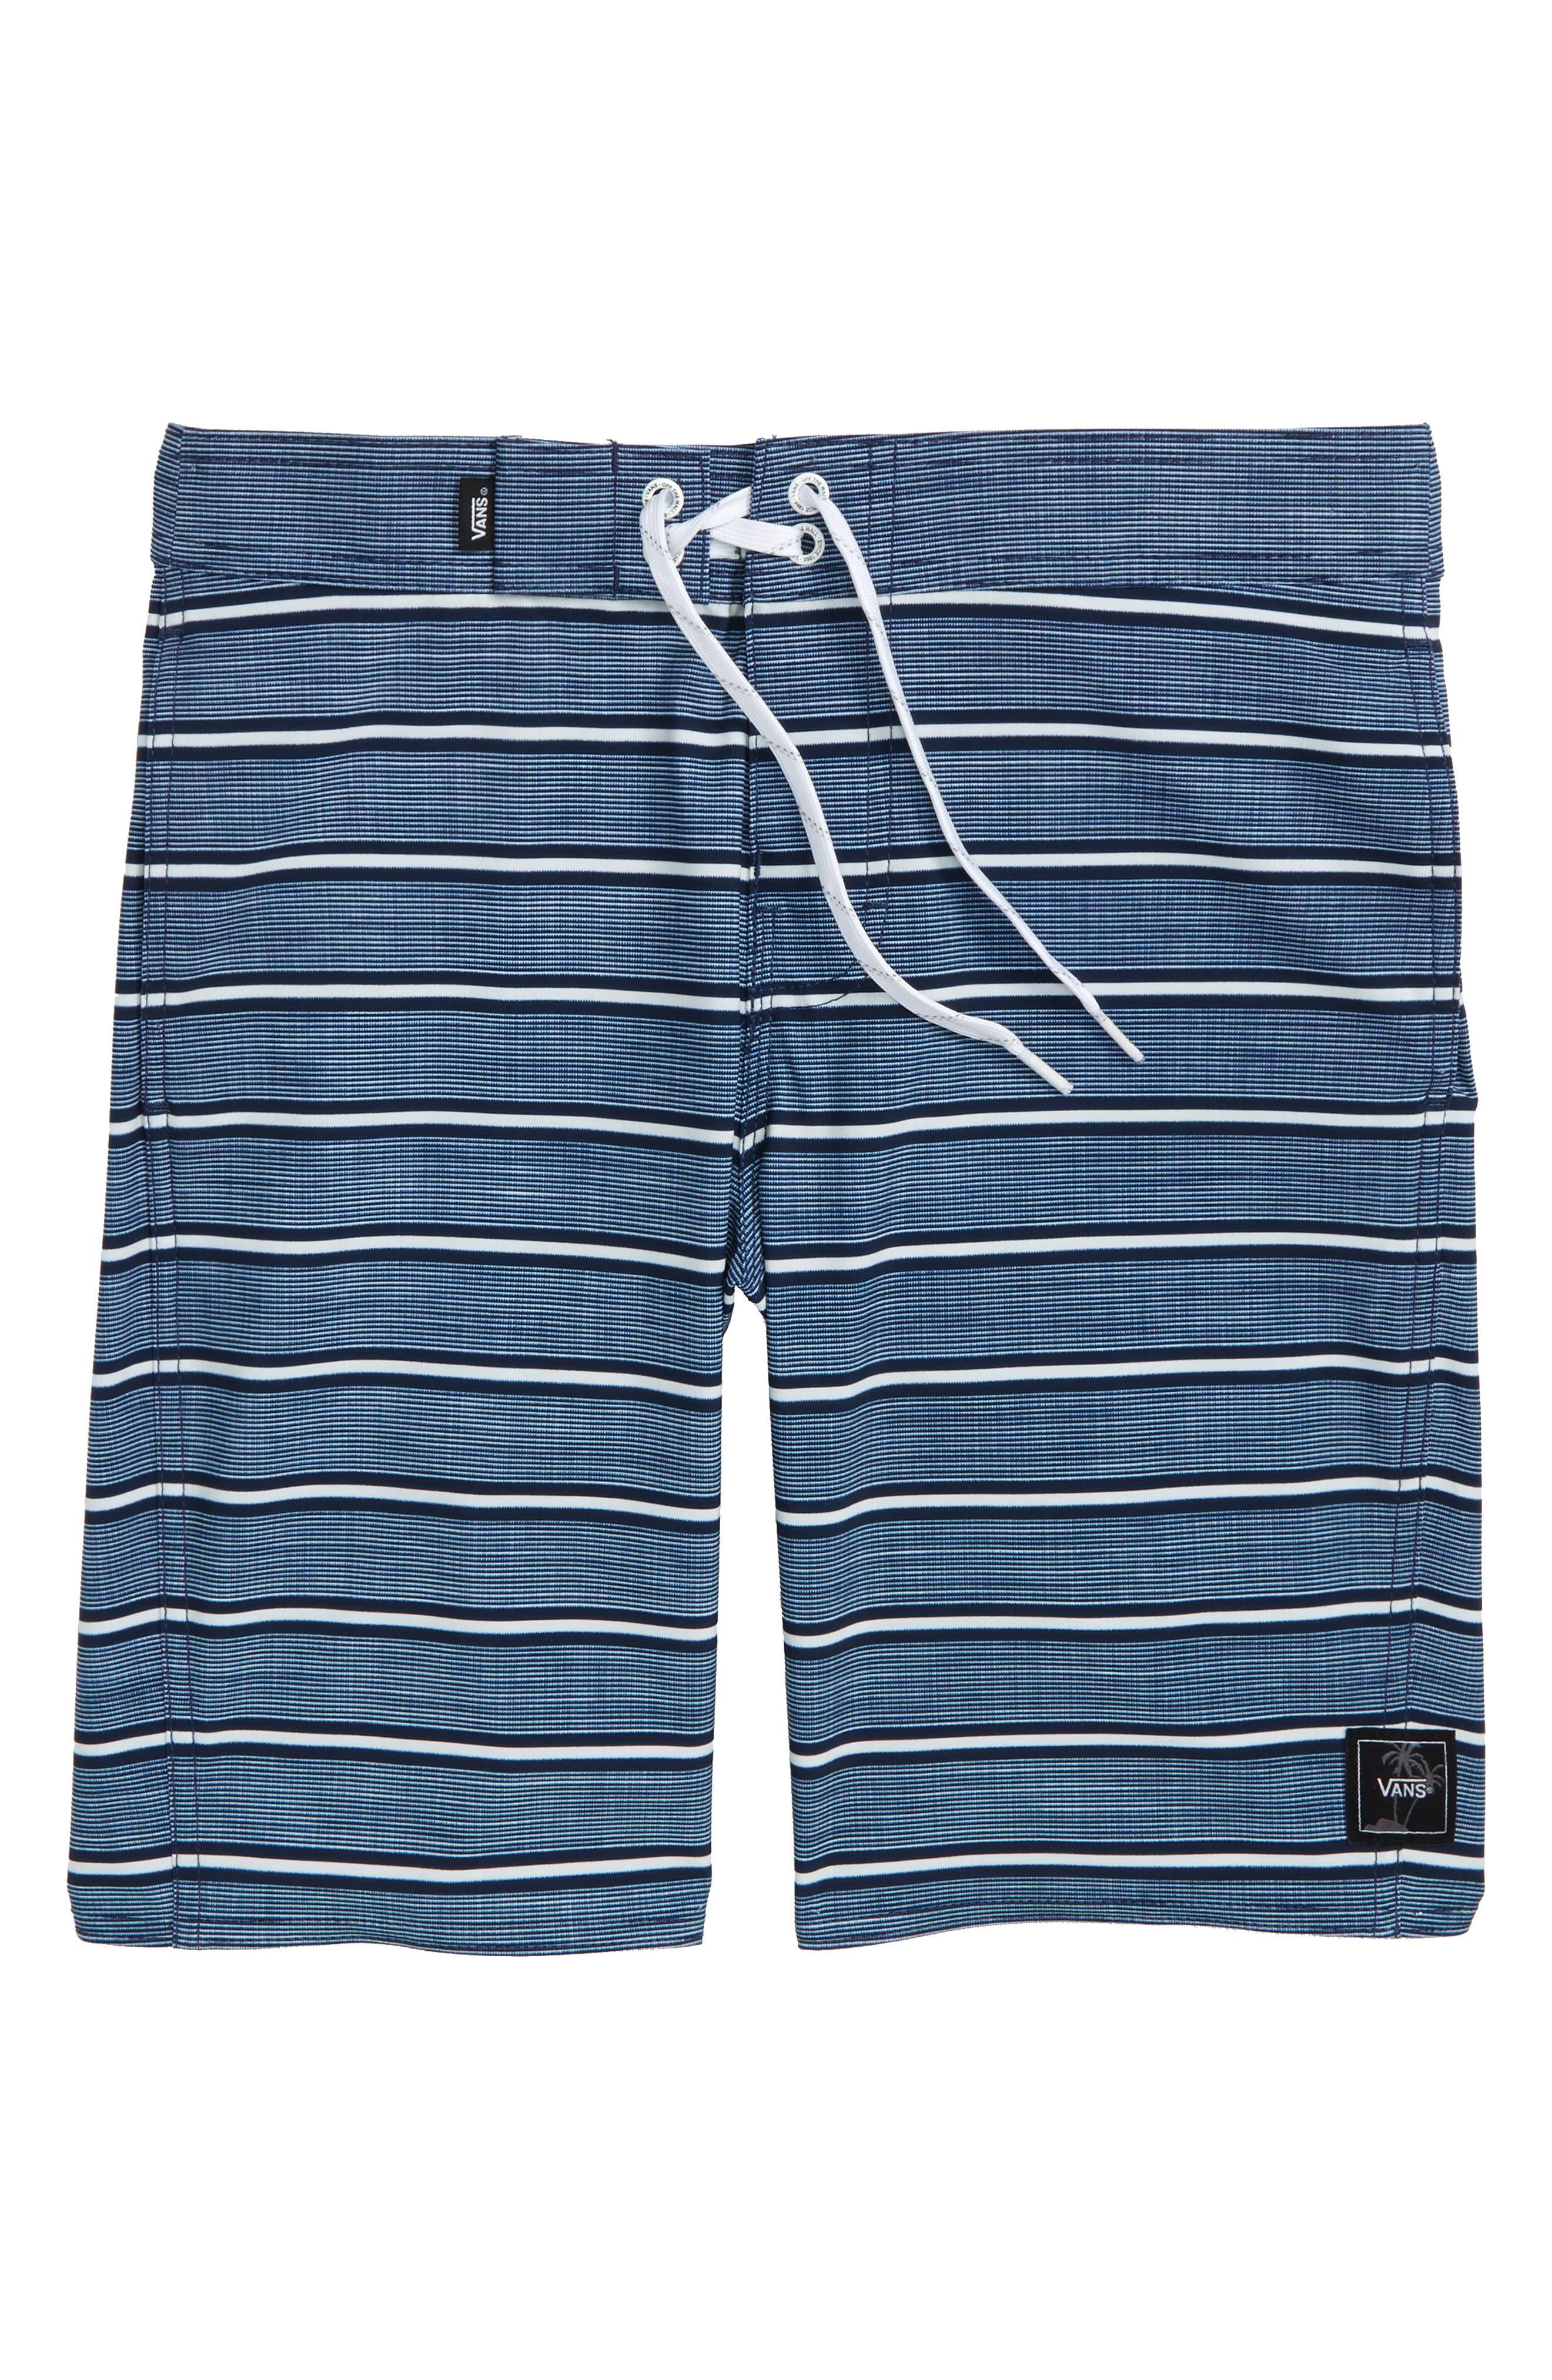 Rooftop Board Shorts,                             Main thumbnail 1, color,                             Dress Blues